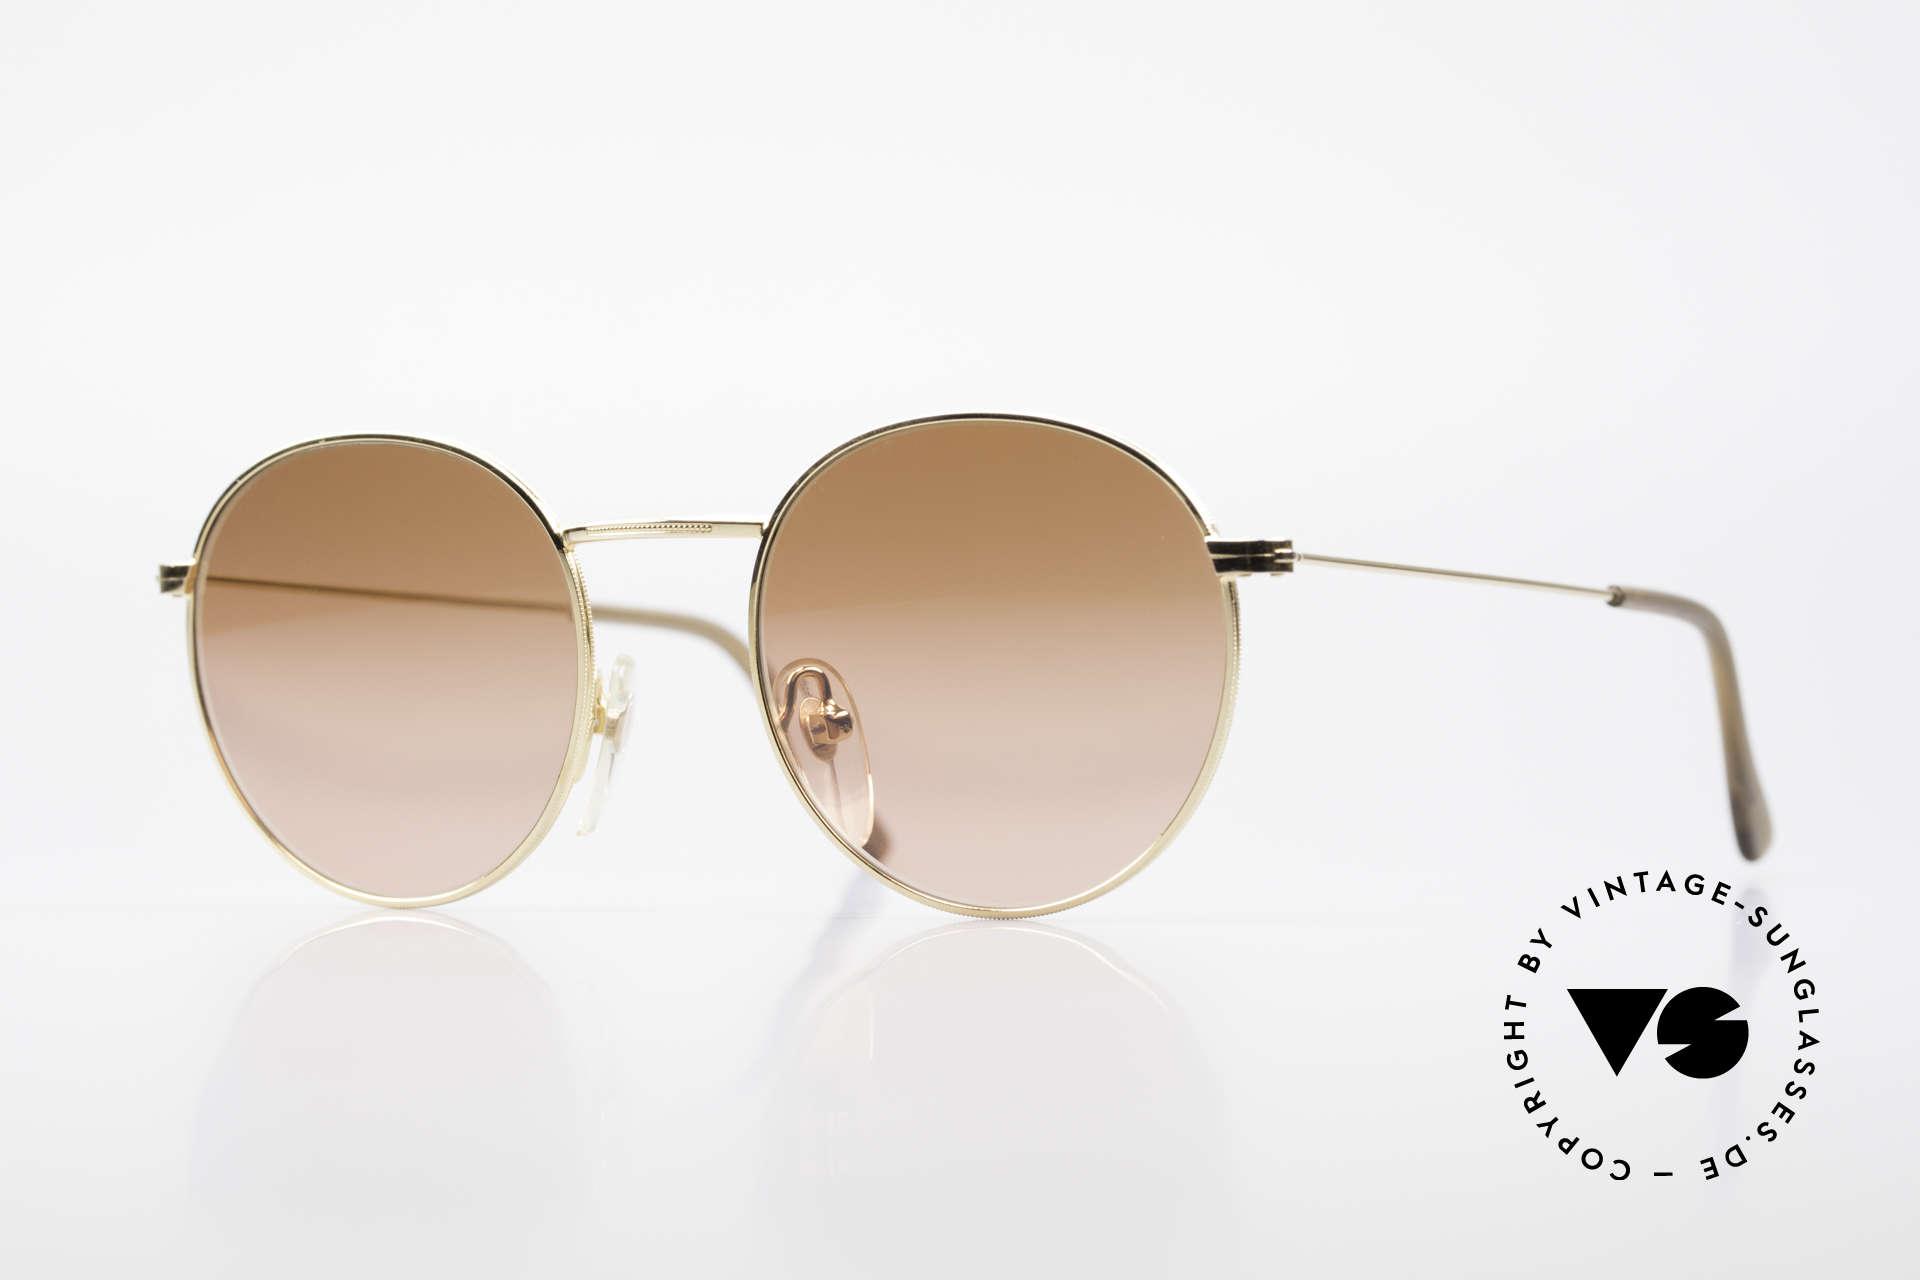 Serengeti Drivers 5346 Runde Autofahrer Brille, vintage Serengeti Drivers Sonnenbrille (High Contrast), Passend für Herren